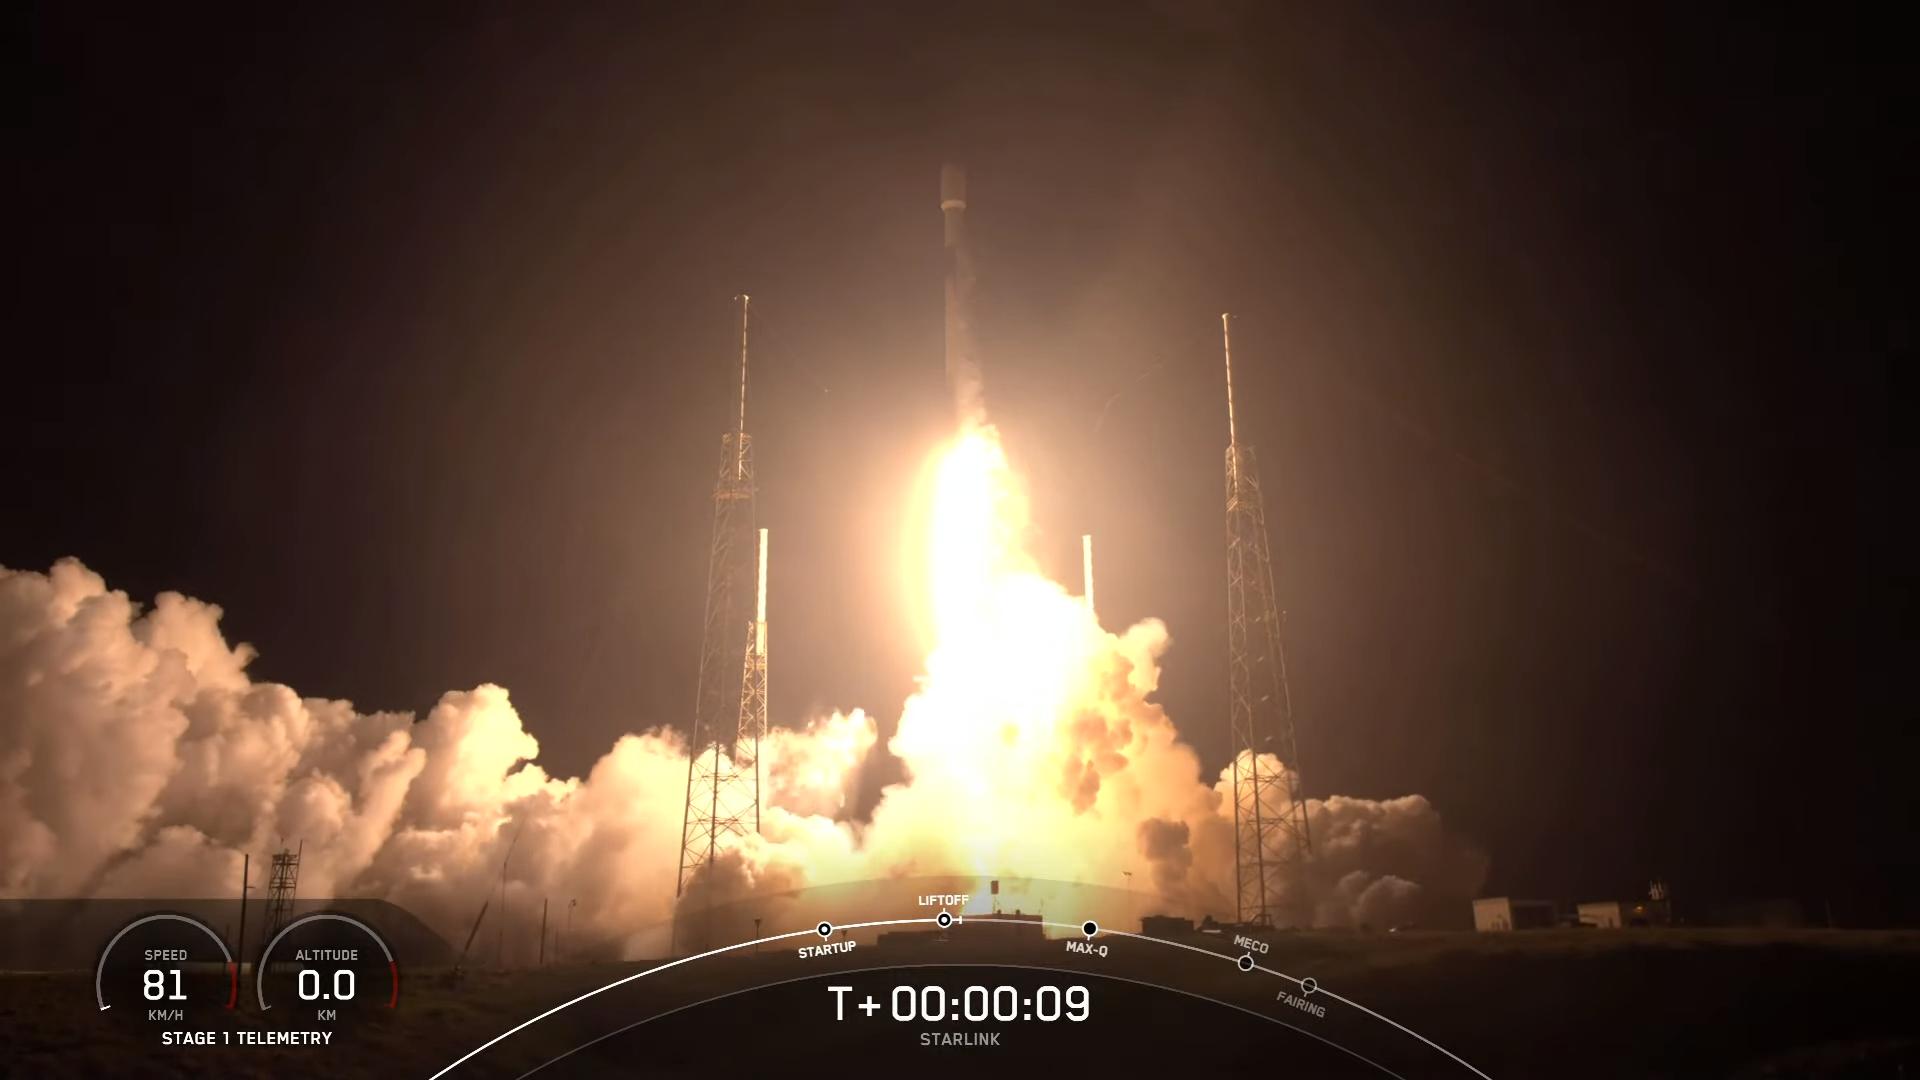 Une fusée SpaceX Falcon 9 est lancée sur la mission Starlink 24, le 28 avril 2021, à 23 h 44 HAE (03 h 44 le 29 avril GMT).